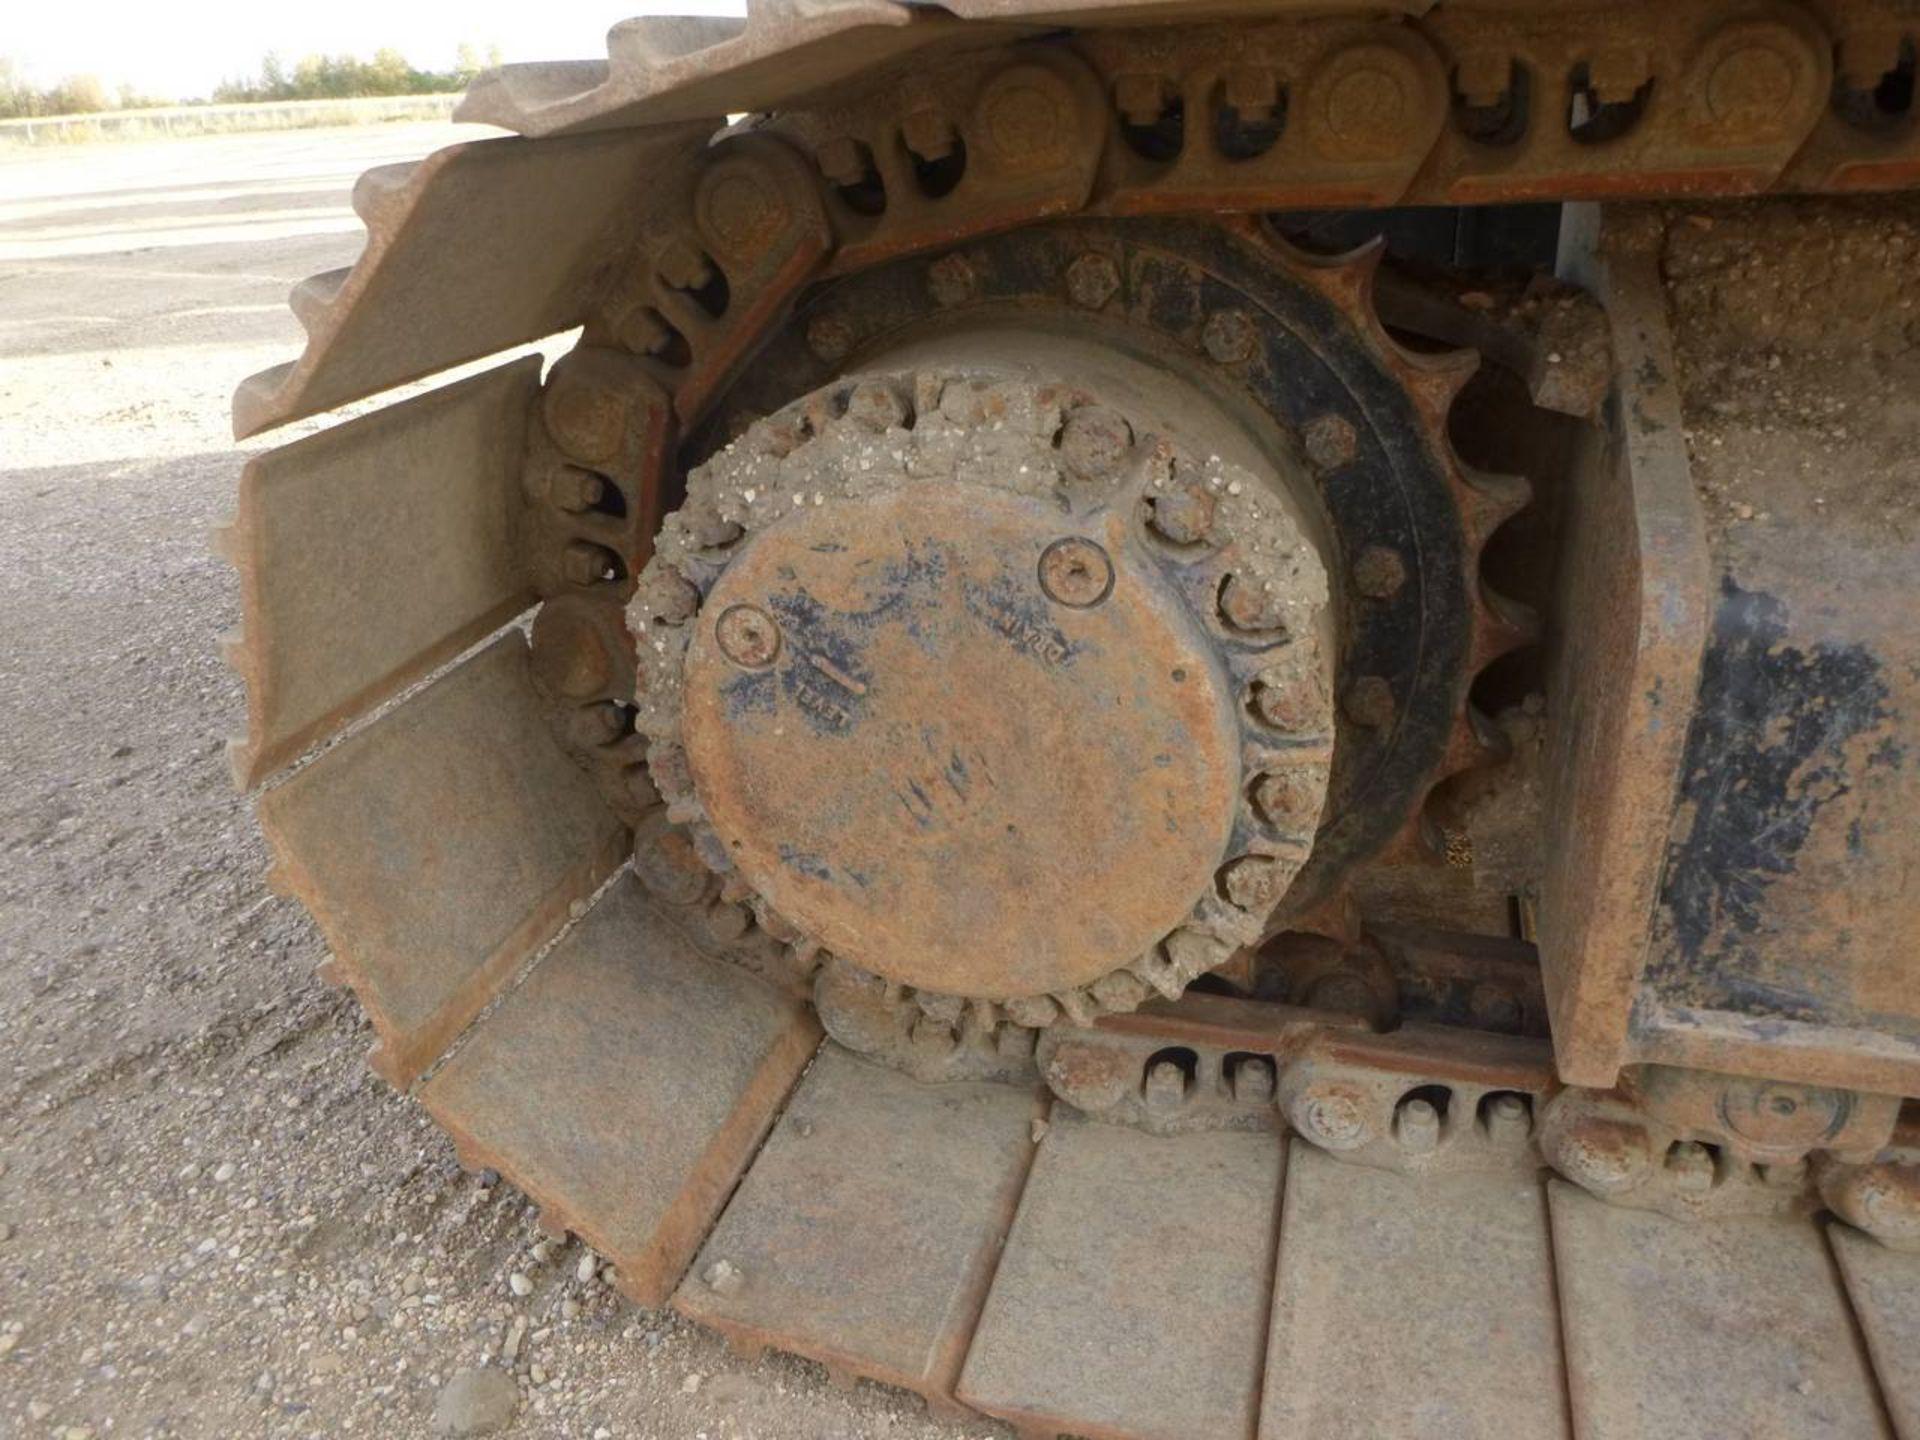 2010 Caterpillar 336D L Excavator - Image 4 of 13